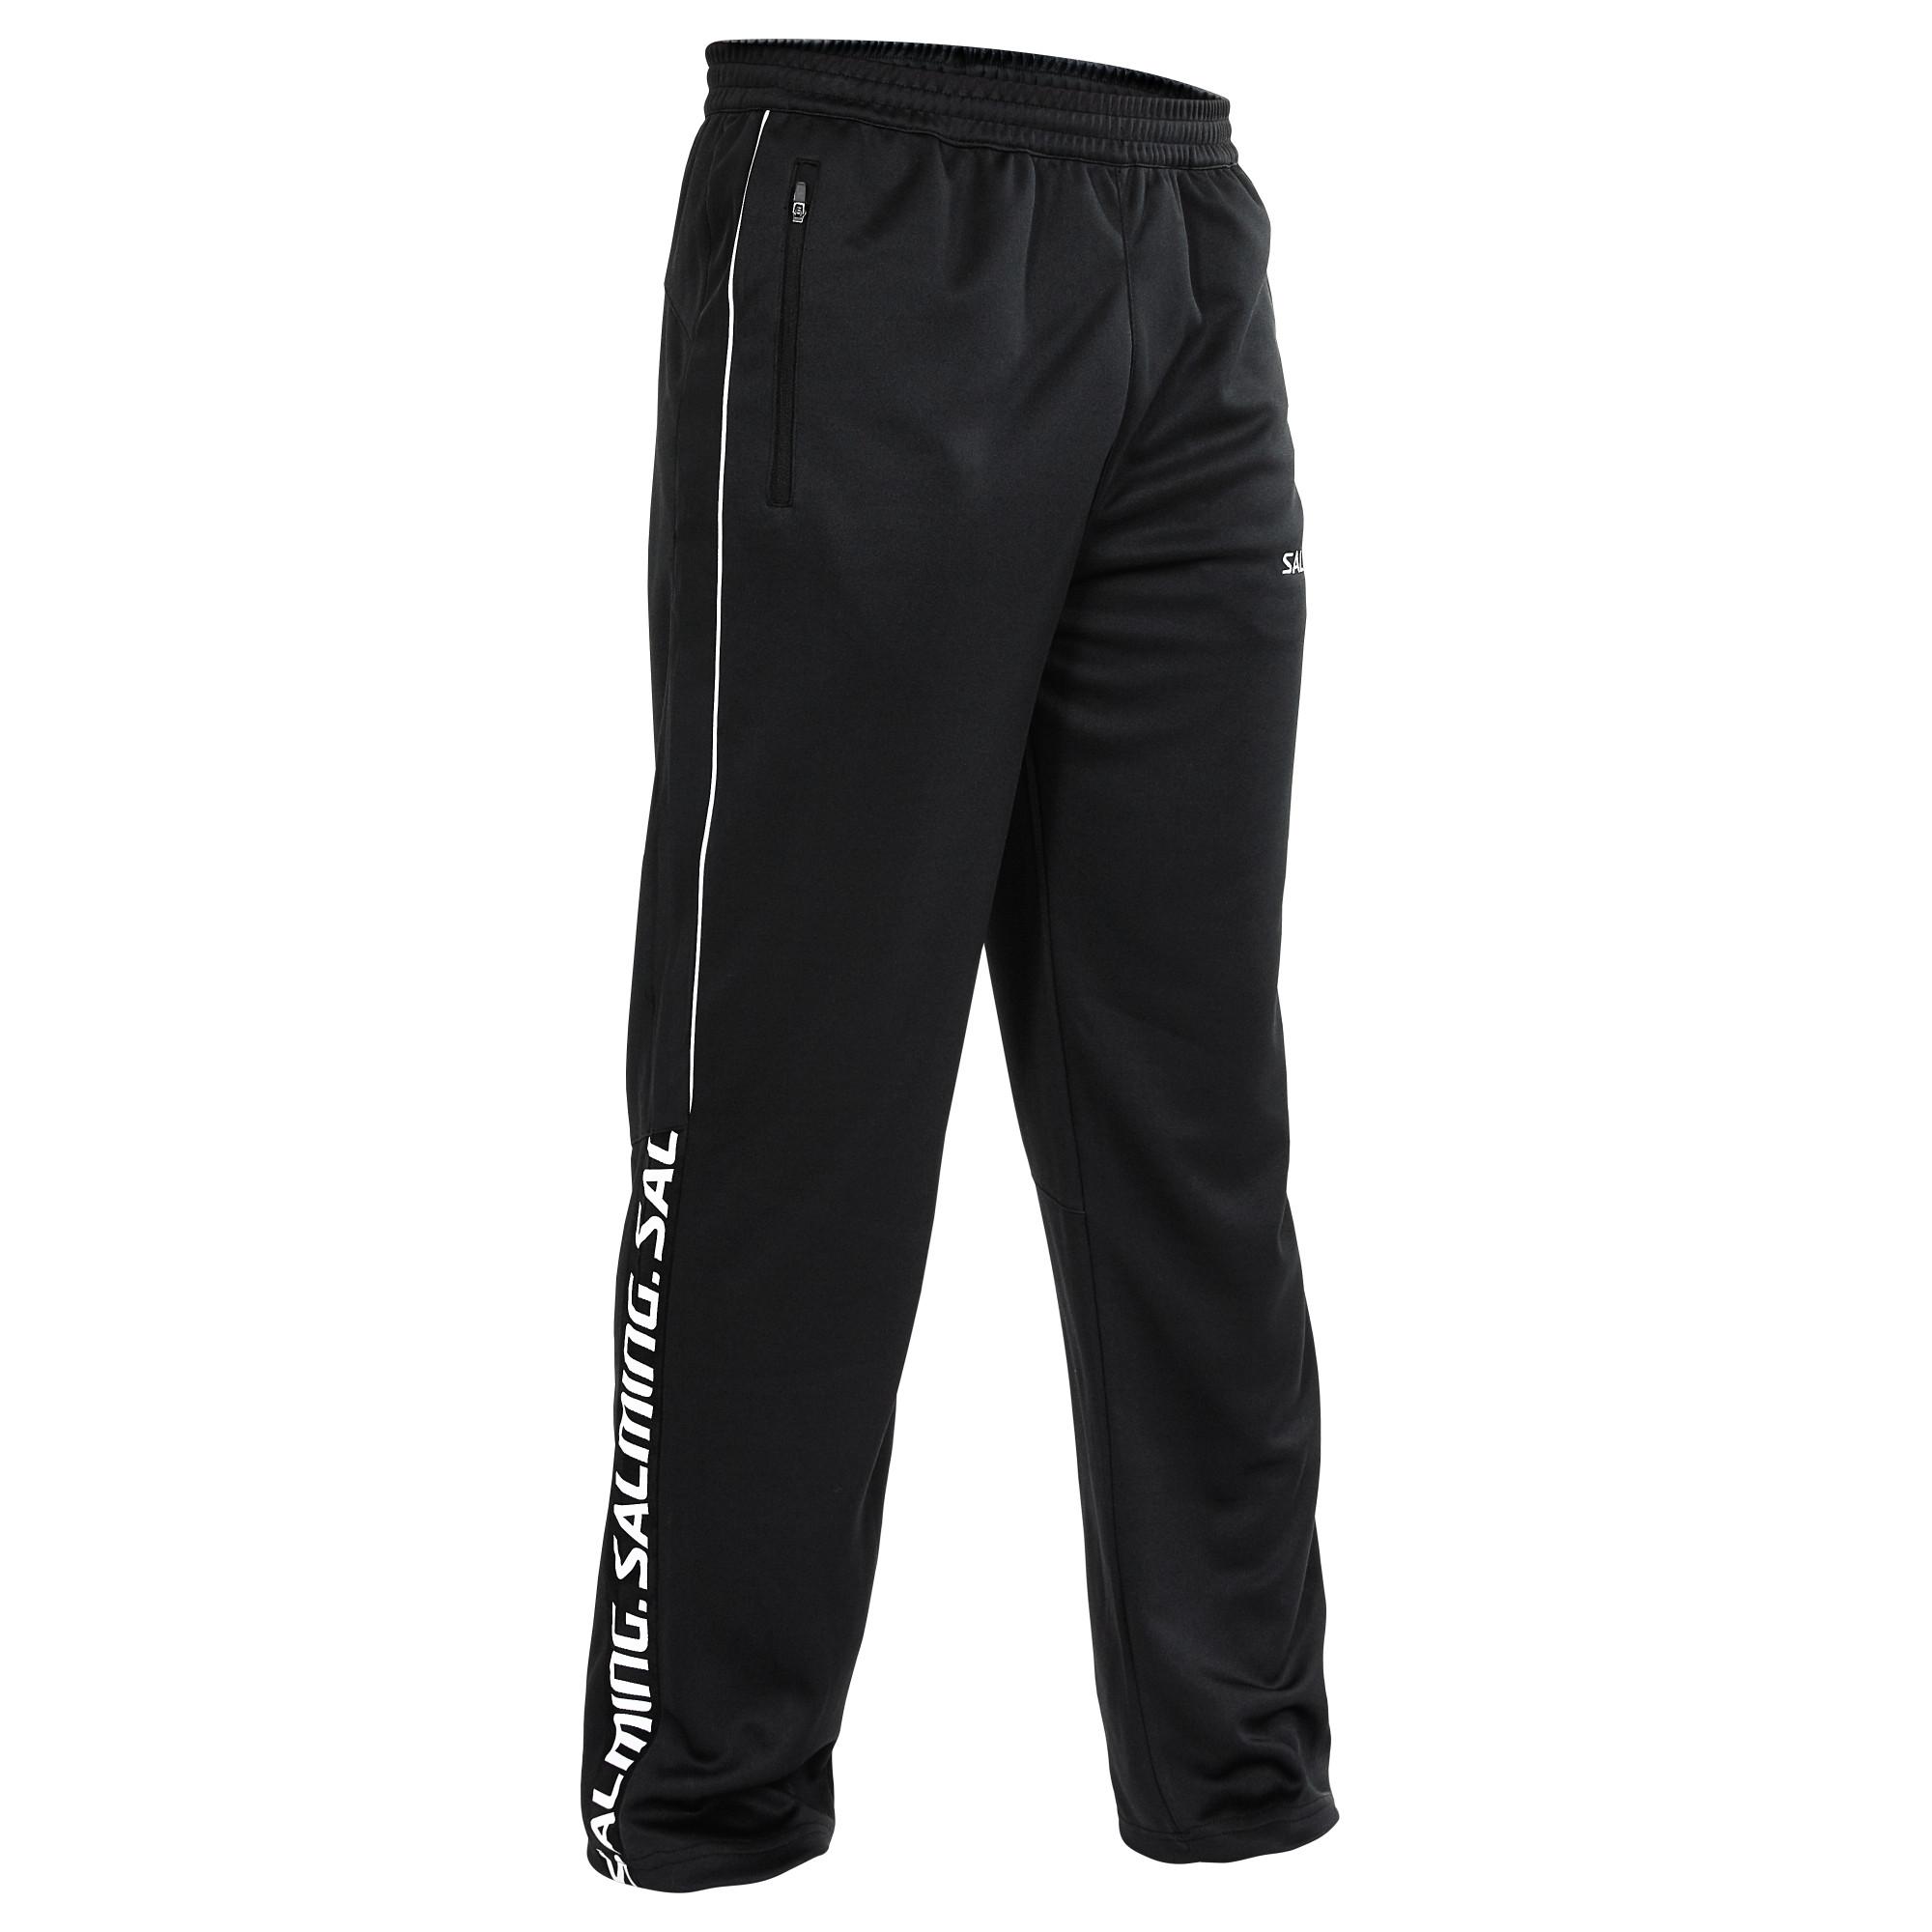 Salming Delta Pant SR XXL, černá